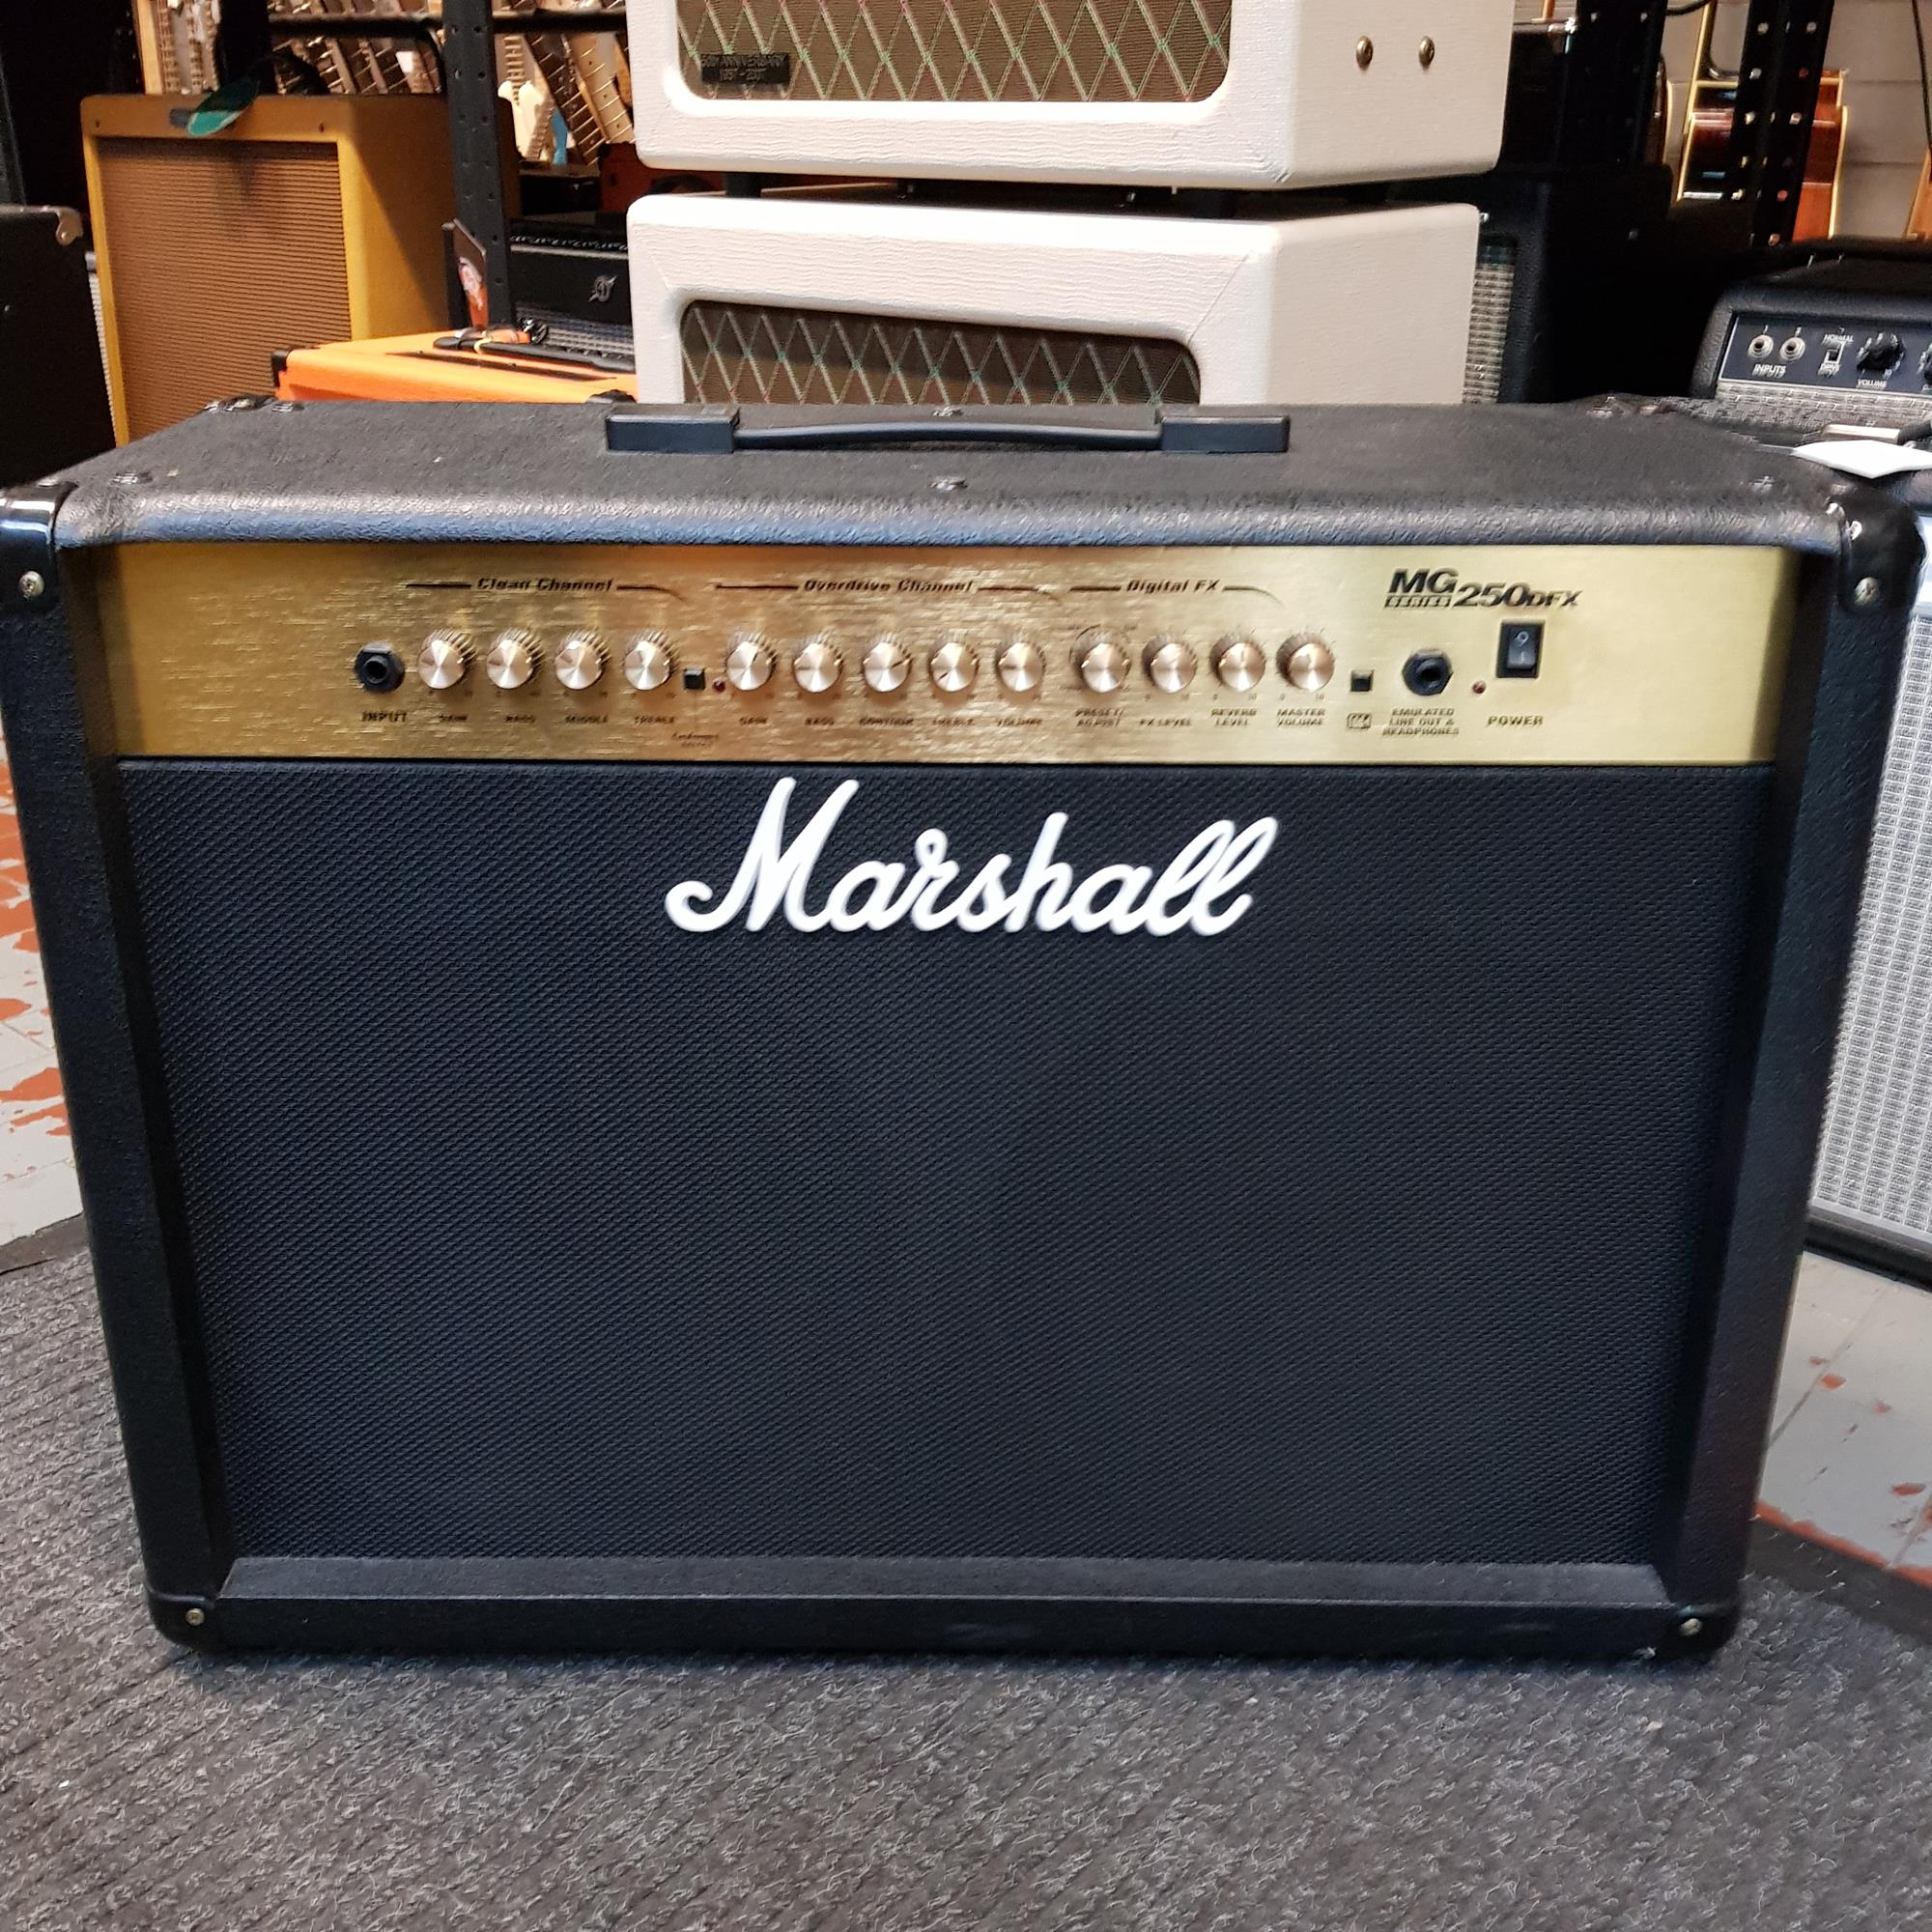 MARSHALL-MG250-DFX-sku-1598718059583